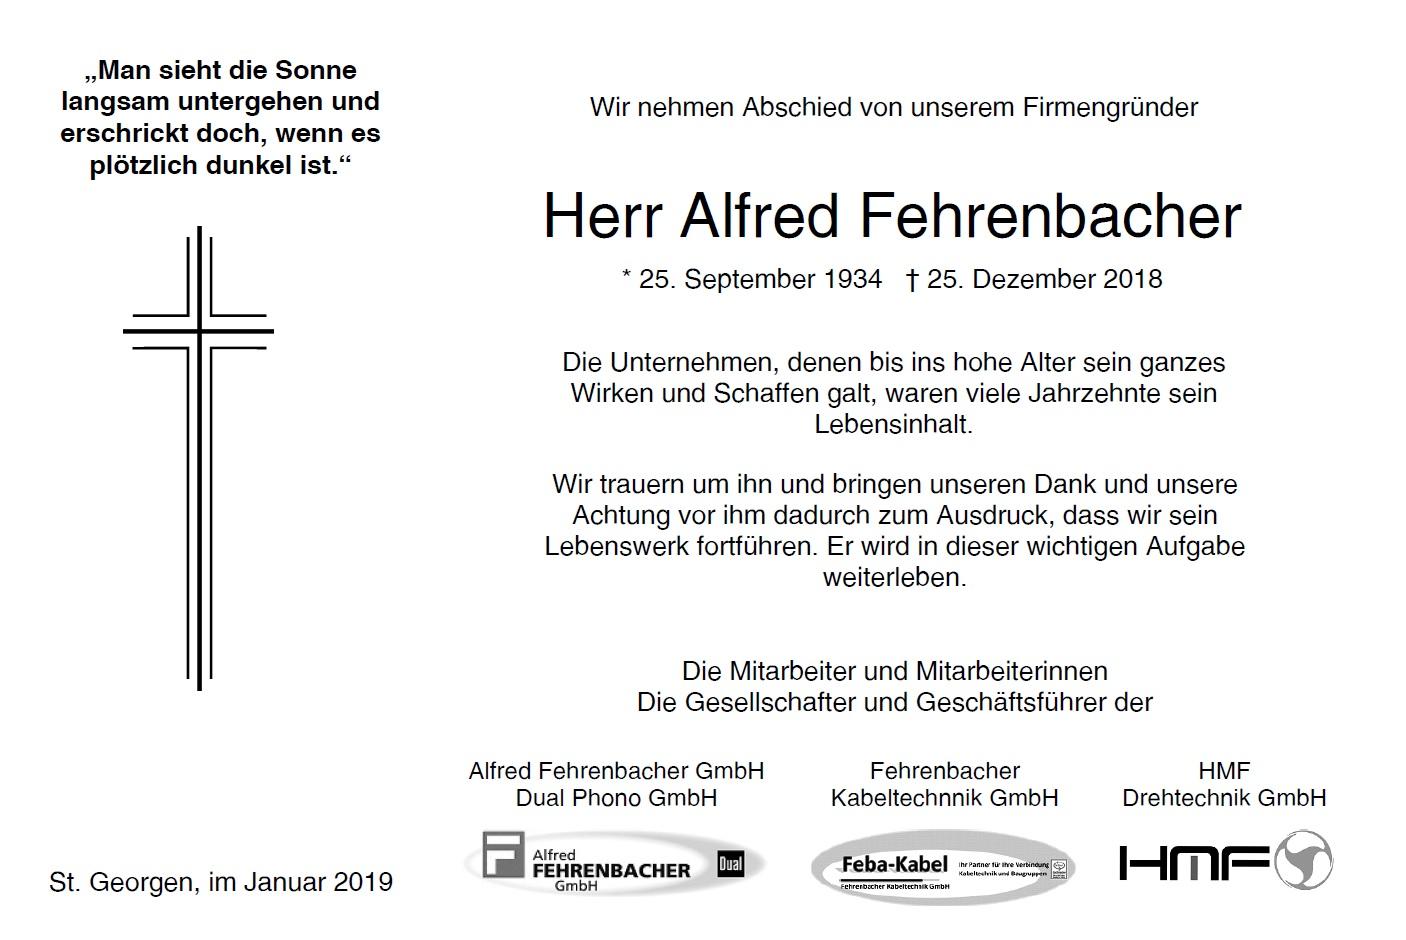 Traueranzeige Alfred Fehrenbacher